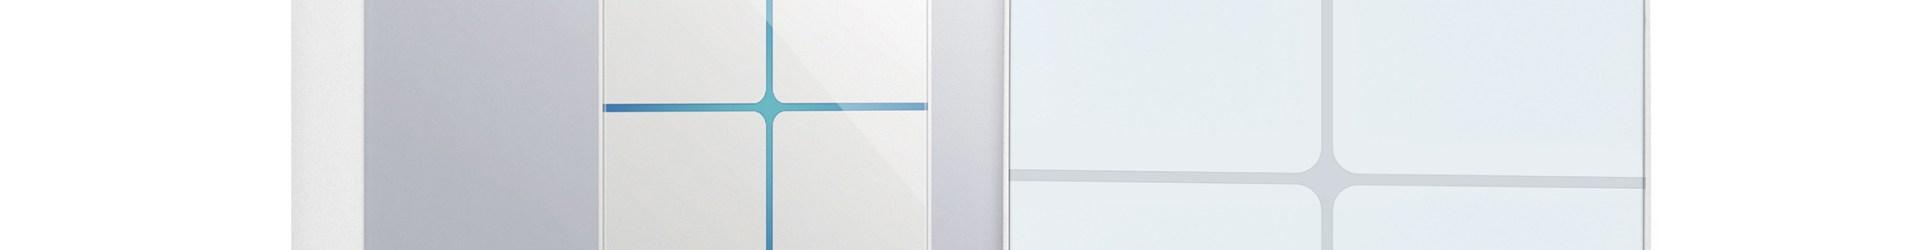 Integrare Aeotec WallMote / WallMote Quad a Home Assistant